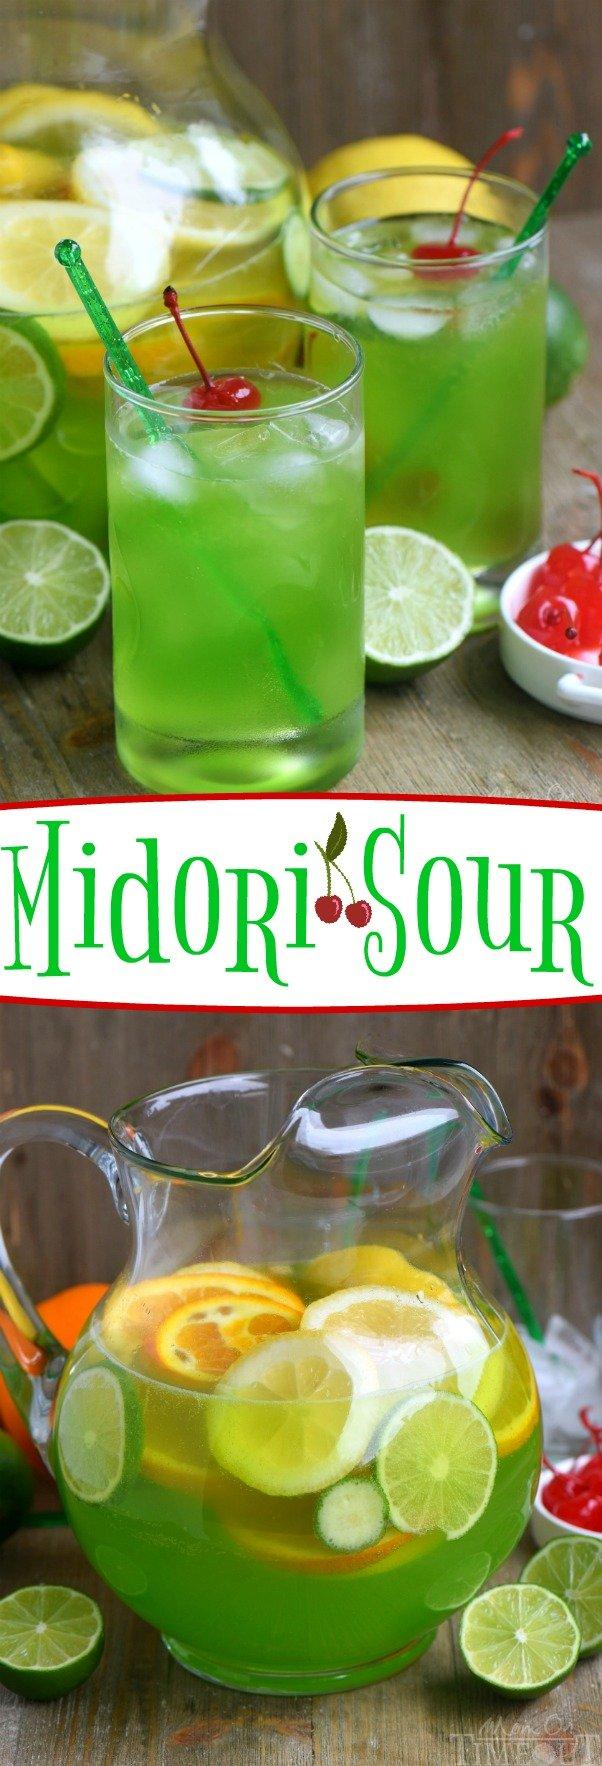 midori-sour-recipe-collage